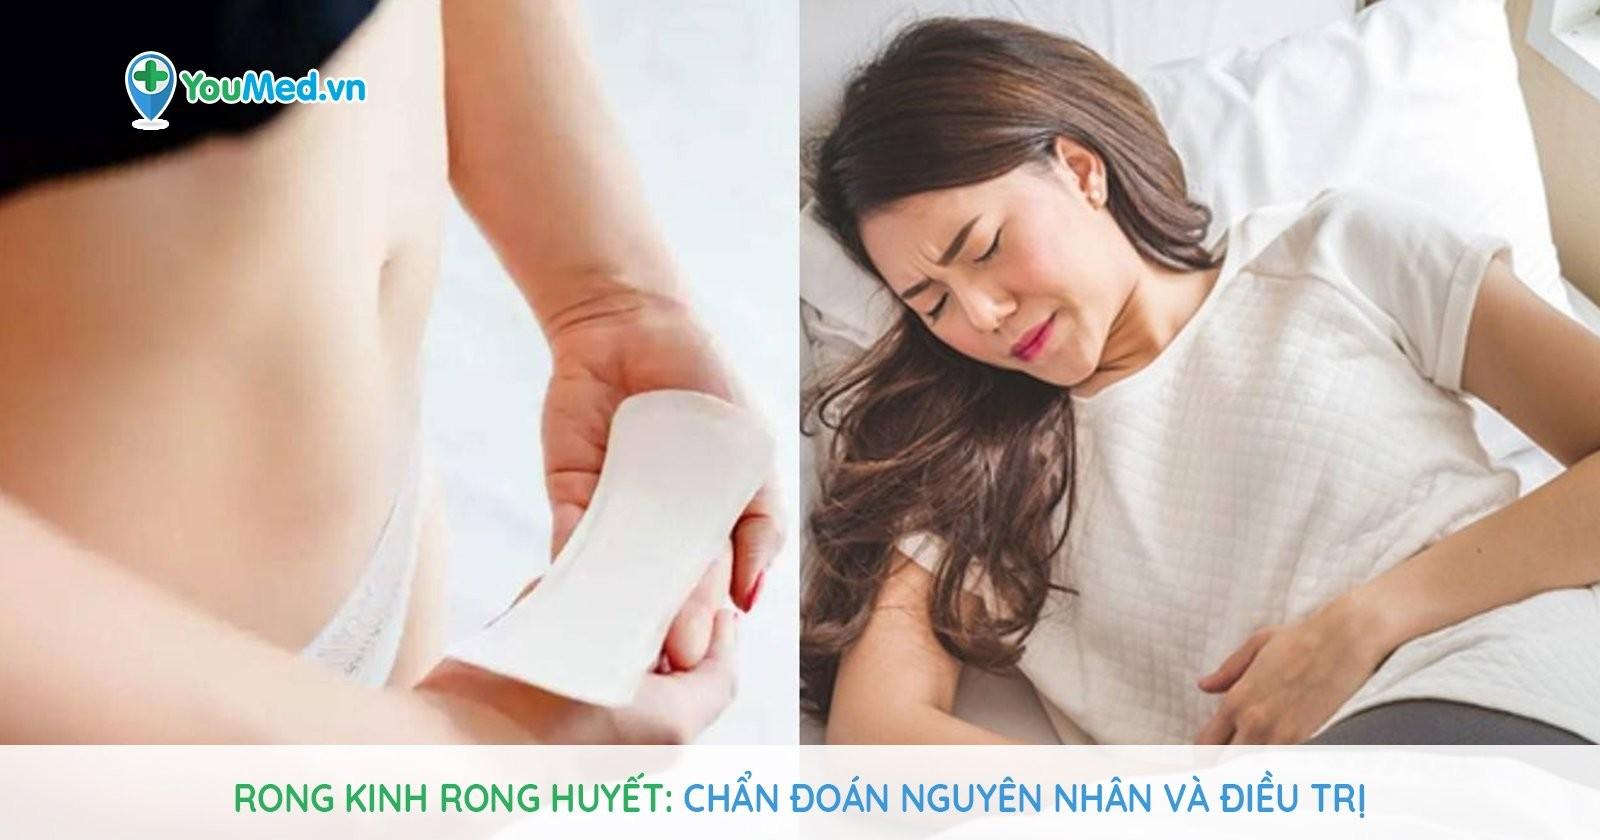 Rong kinh rong huyết: Chẩn đoán nguyên nhân và điều trị